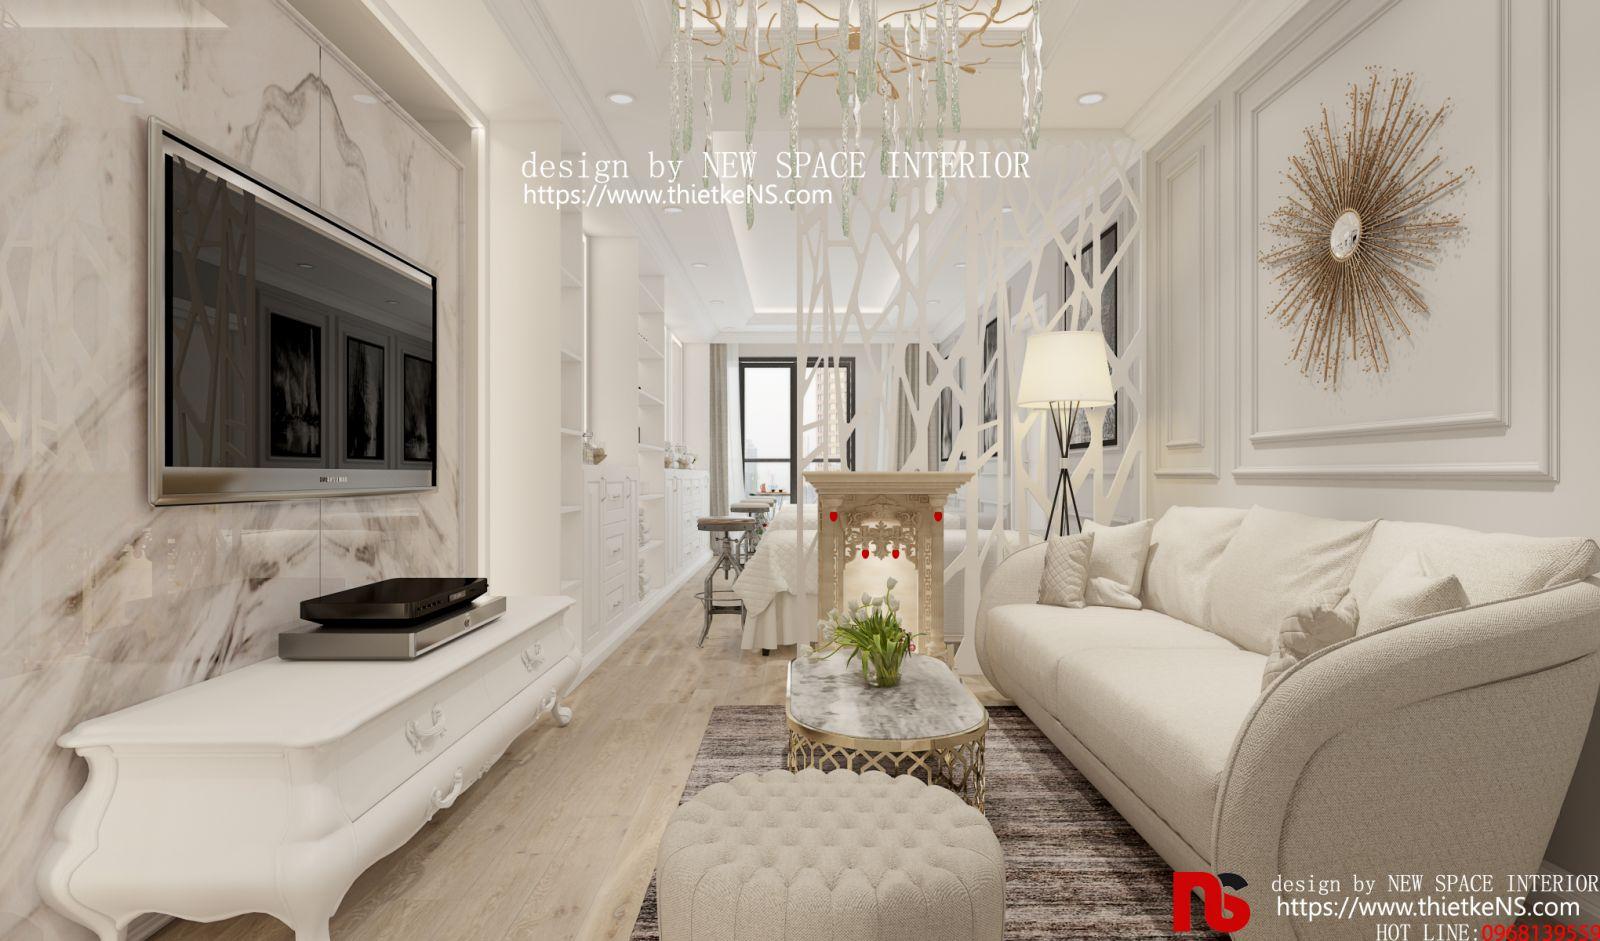 Thiết kế nội thất chung cư GoldSeason 01 cho phòng khách